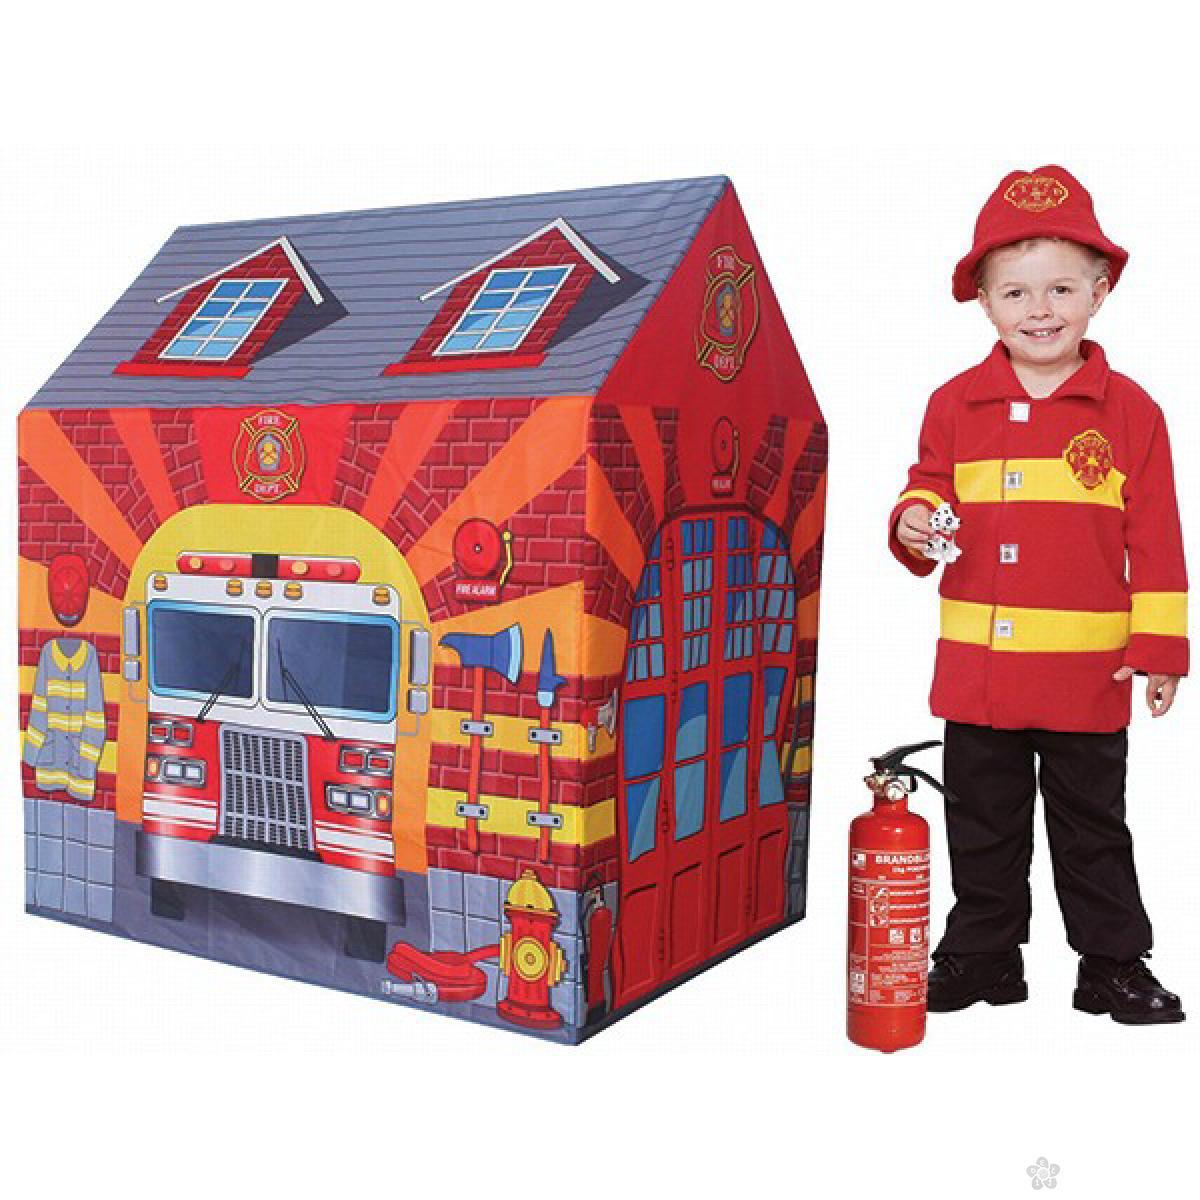 Šator-kućica vatrogasna stanica, 8722